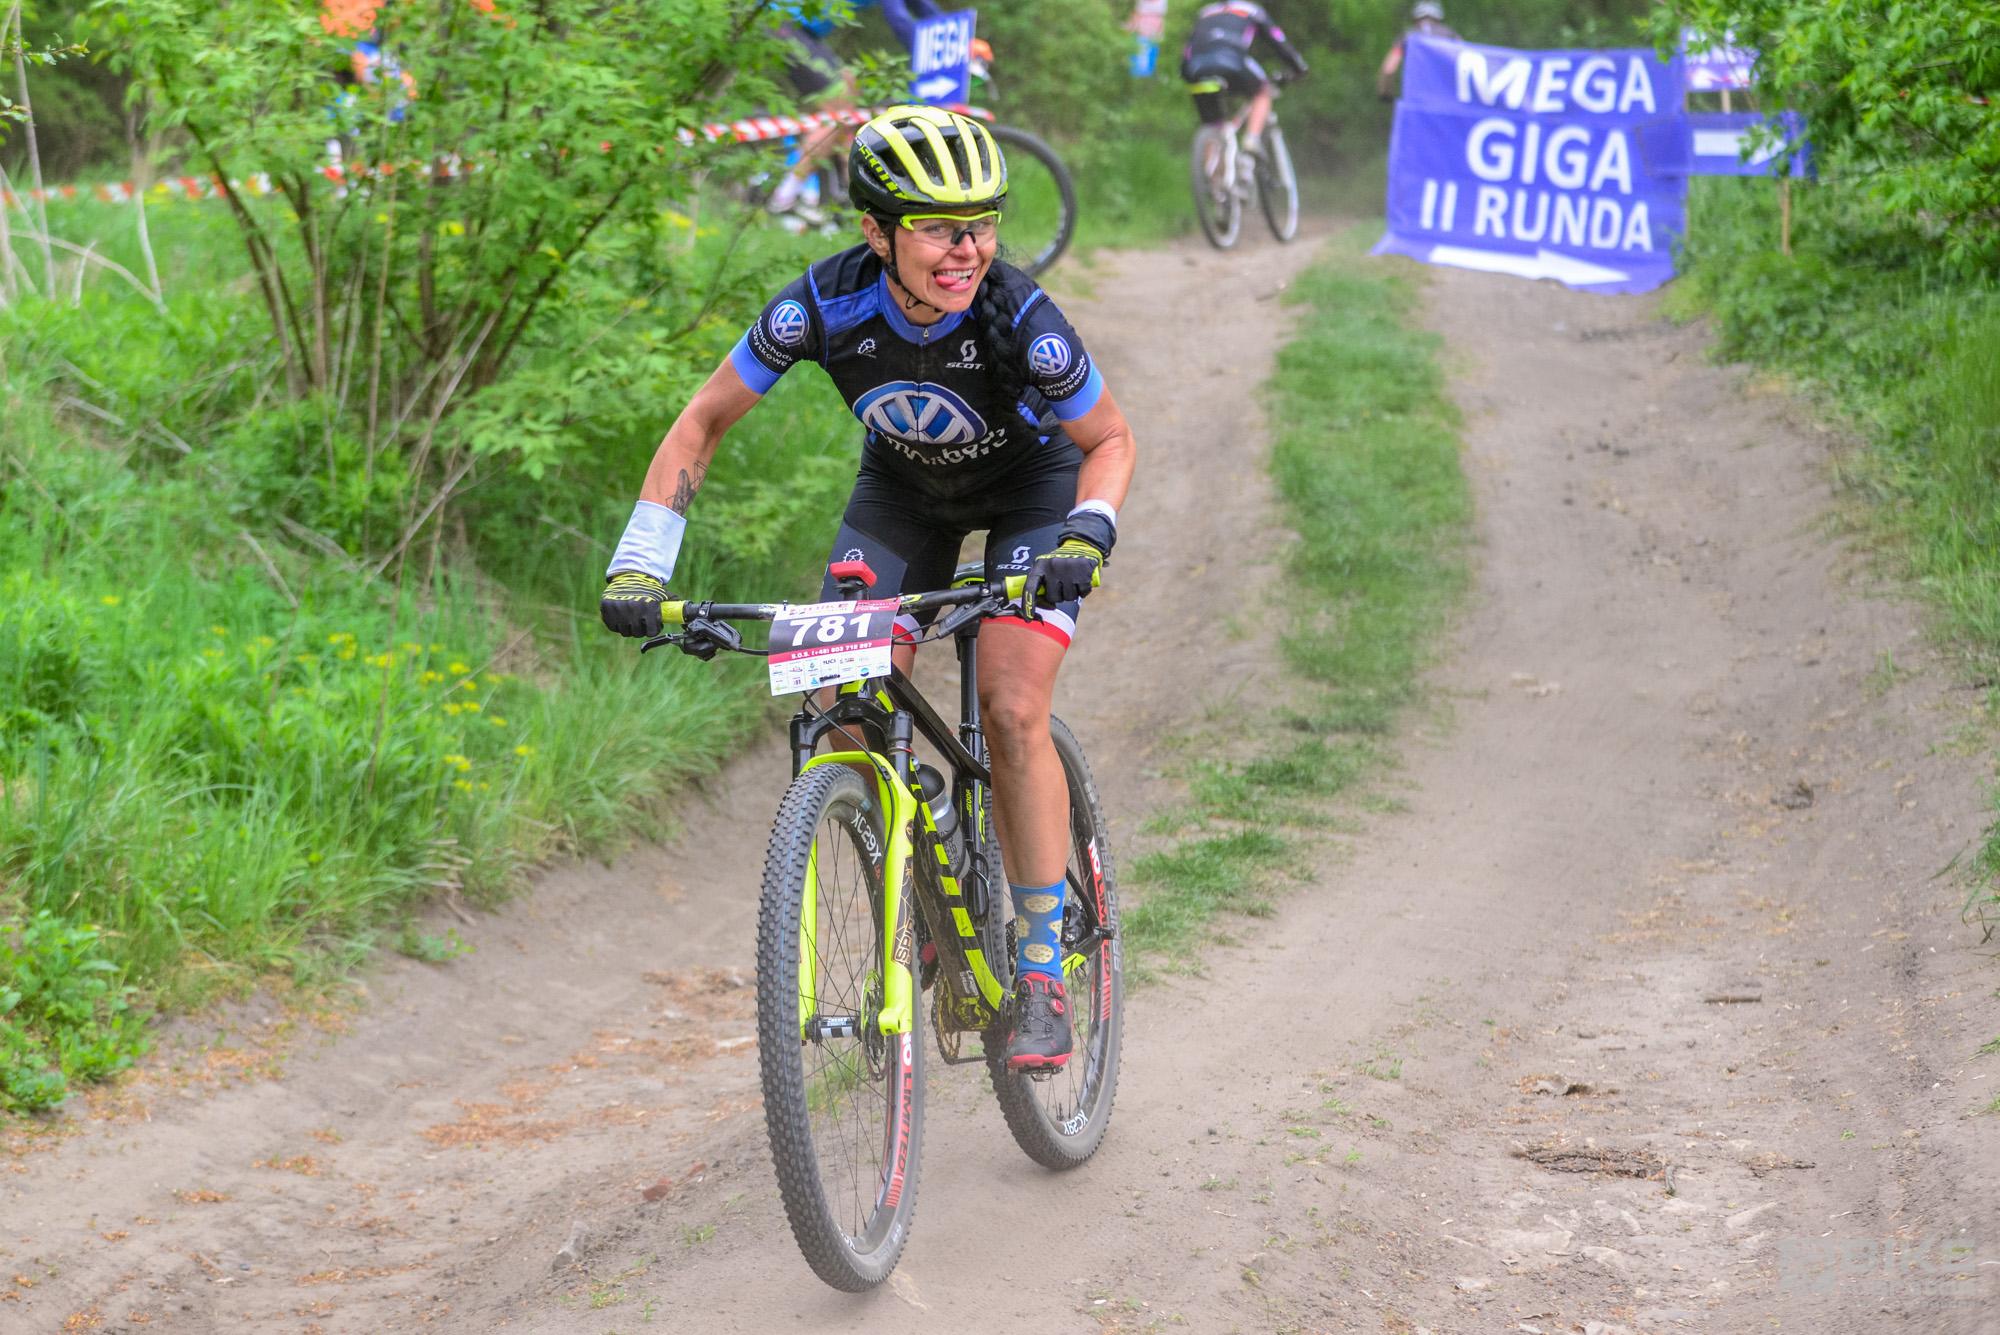 BM Hero wybrany! Czyli dziewczyny na rowery…